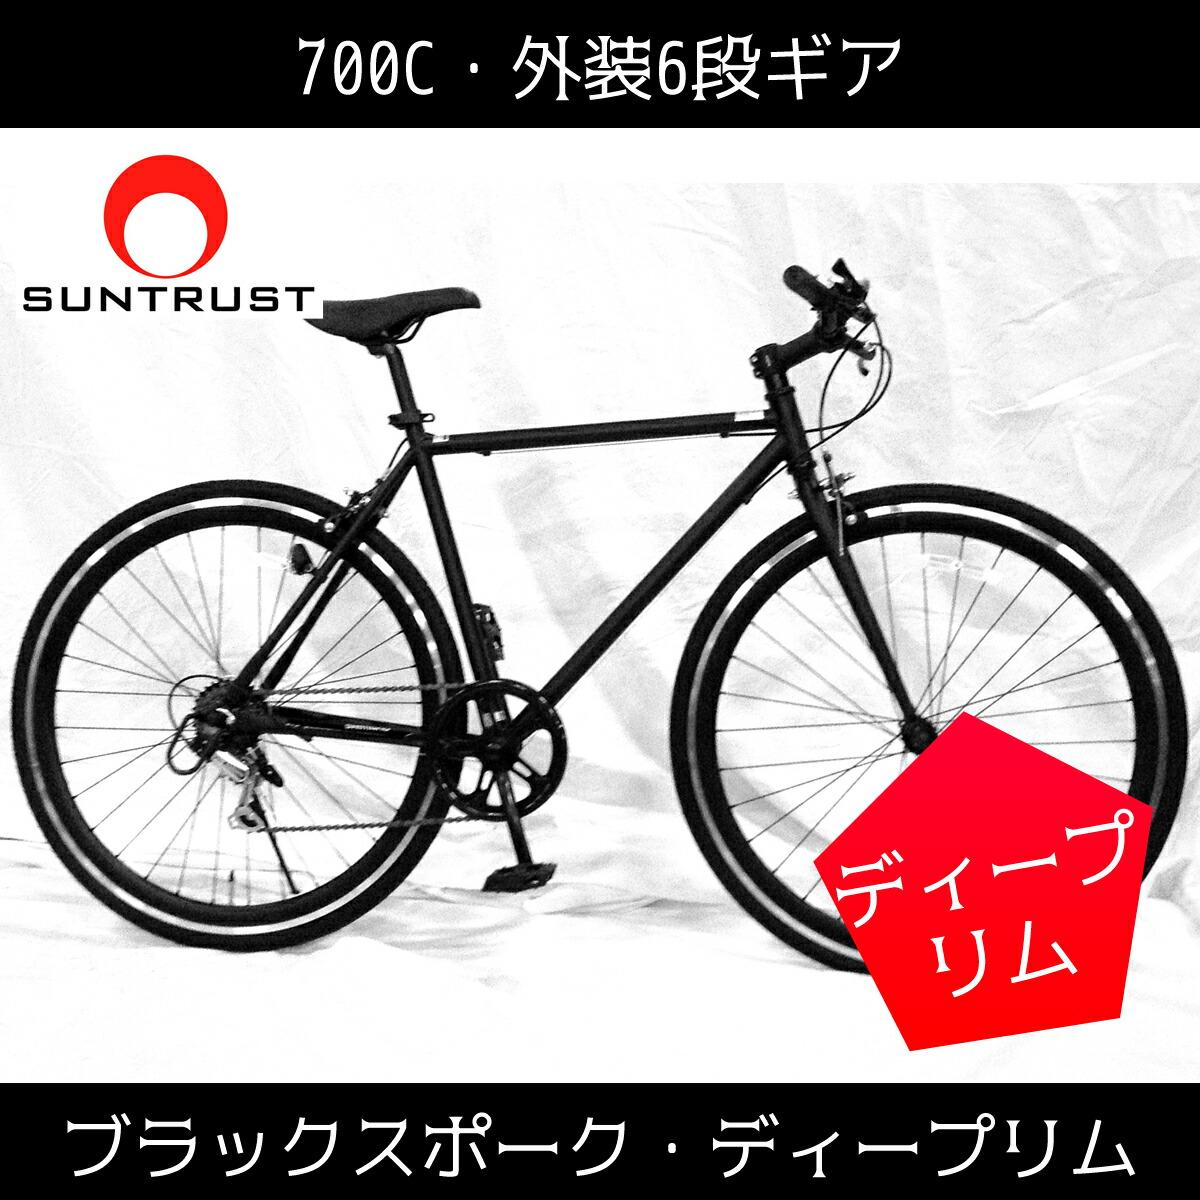 自転車 クロスバイク 700c 6段ギア ディープリム ブラックスポーク サントラスト SUNTRUST ディープリムの自転車 ブラック/黒 クロスバイク かっこいい 自転車 デカールなし 本体 車体